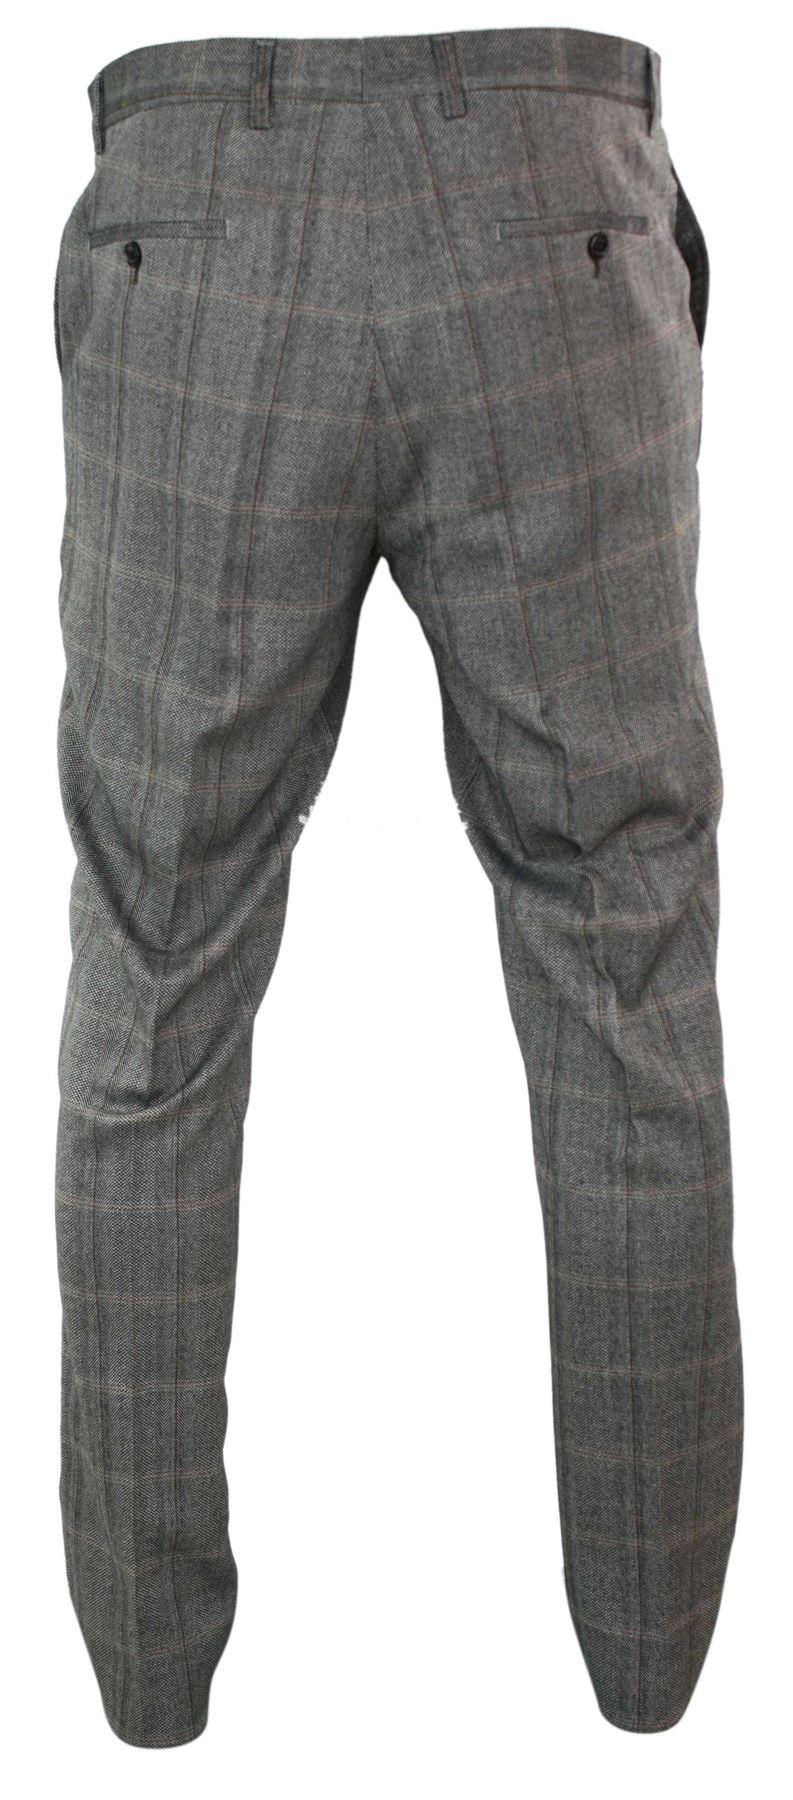 Mens-Herringbone-Tweed-Check-Peaky-Blinders-Trousers-Wool-Vintage-Classic-Retro thumbnail 13